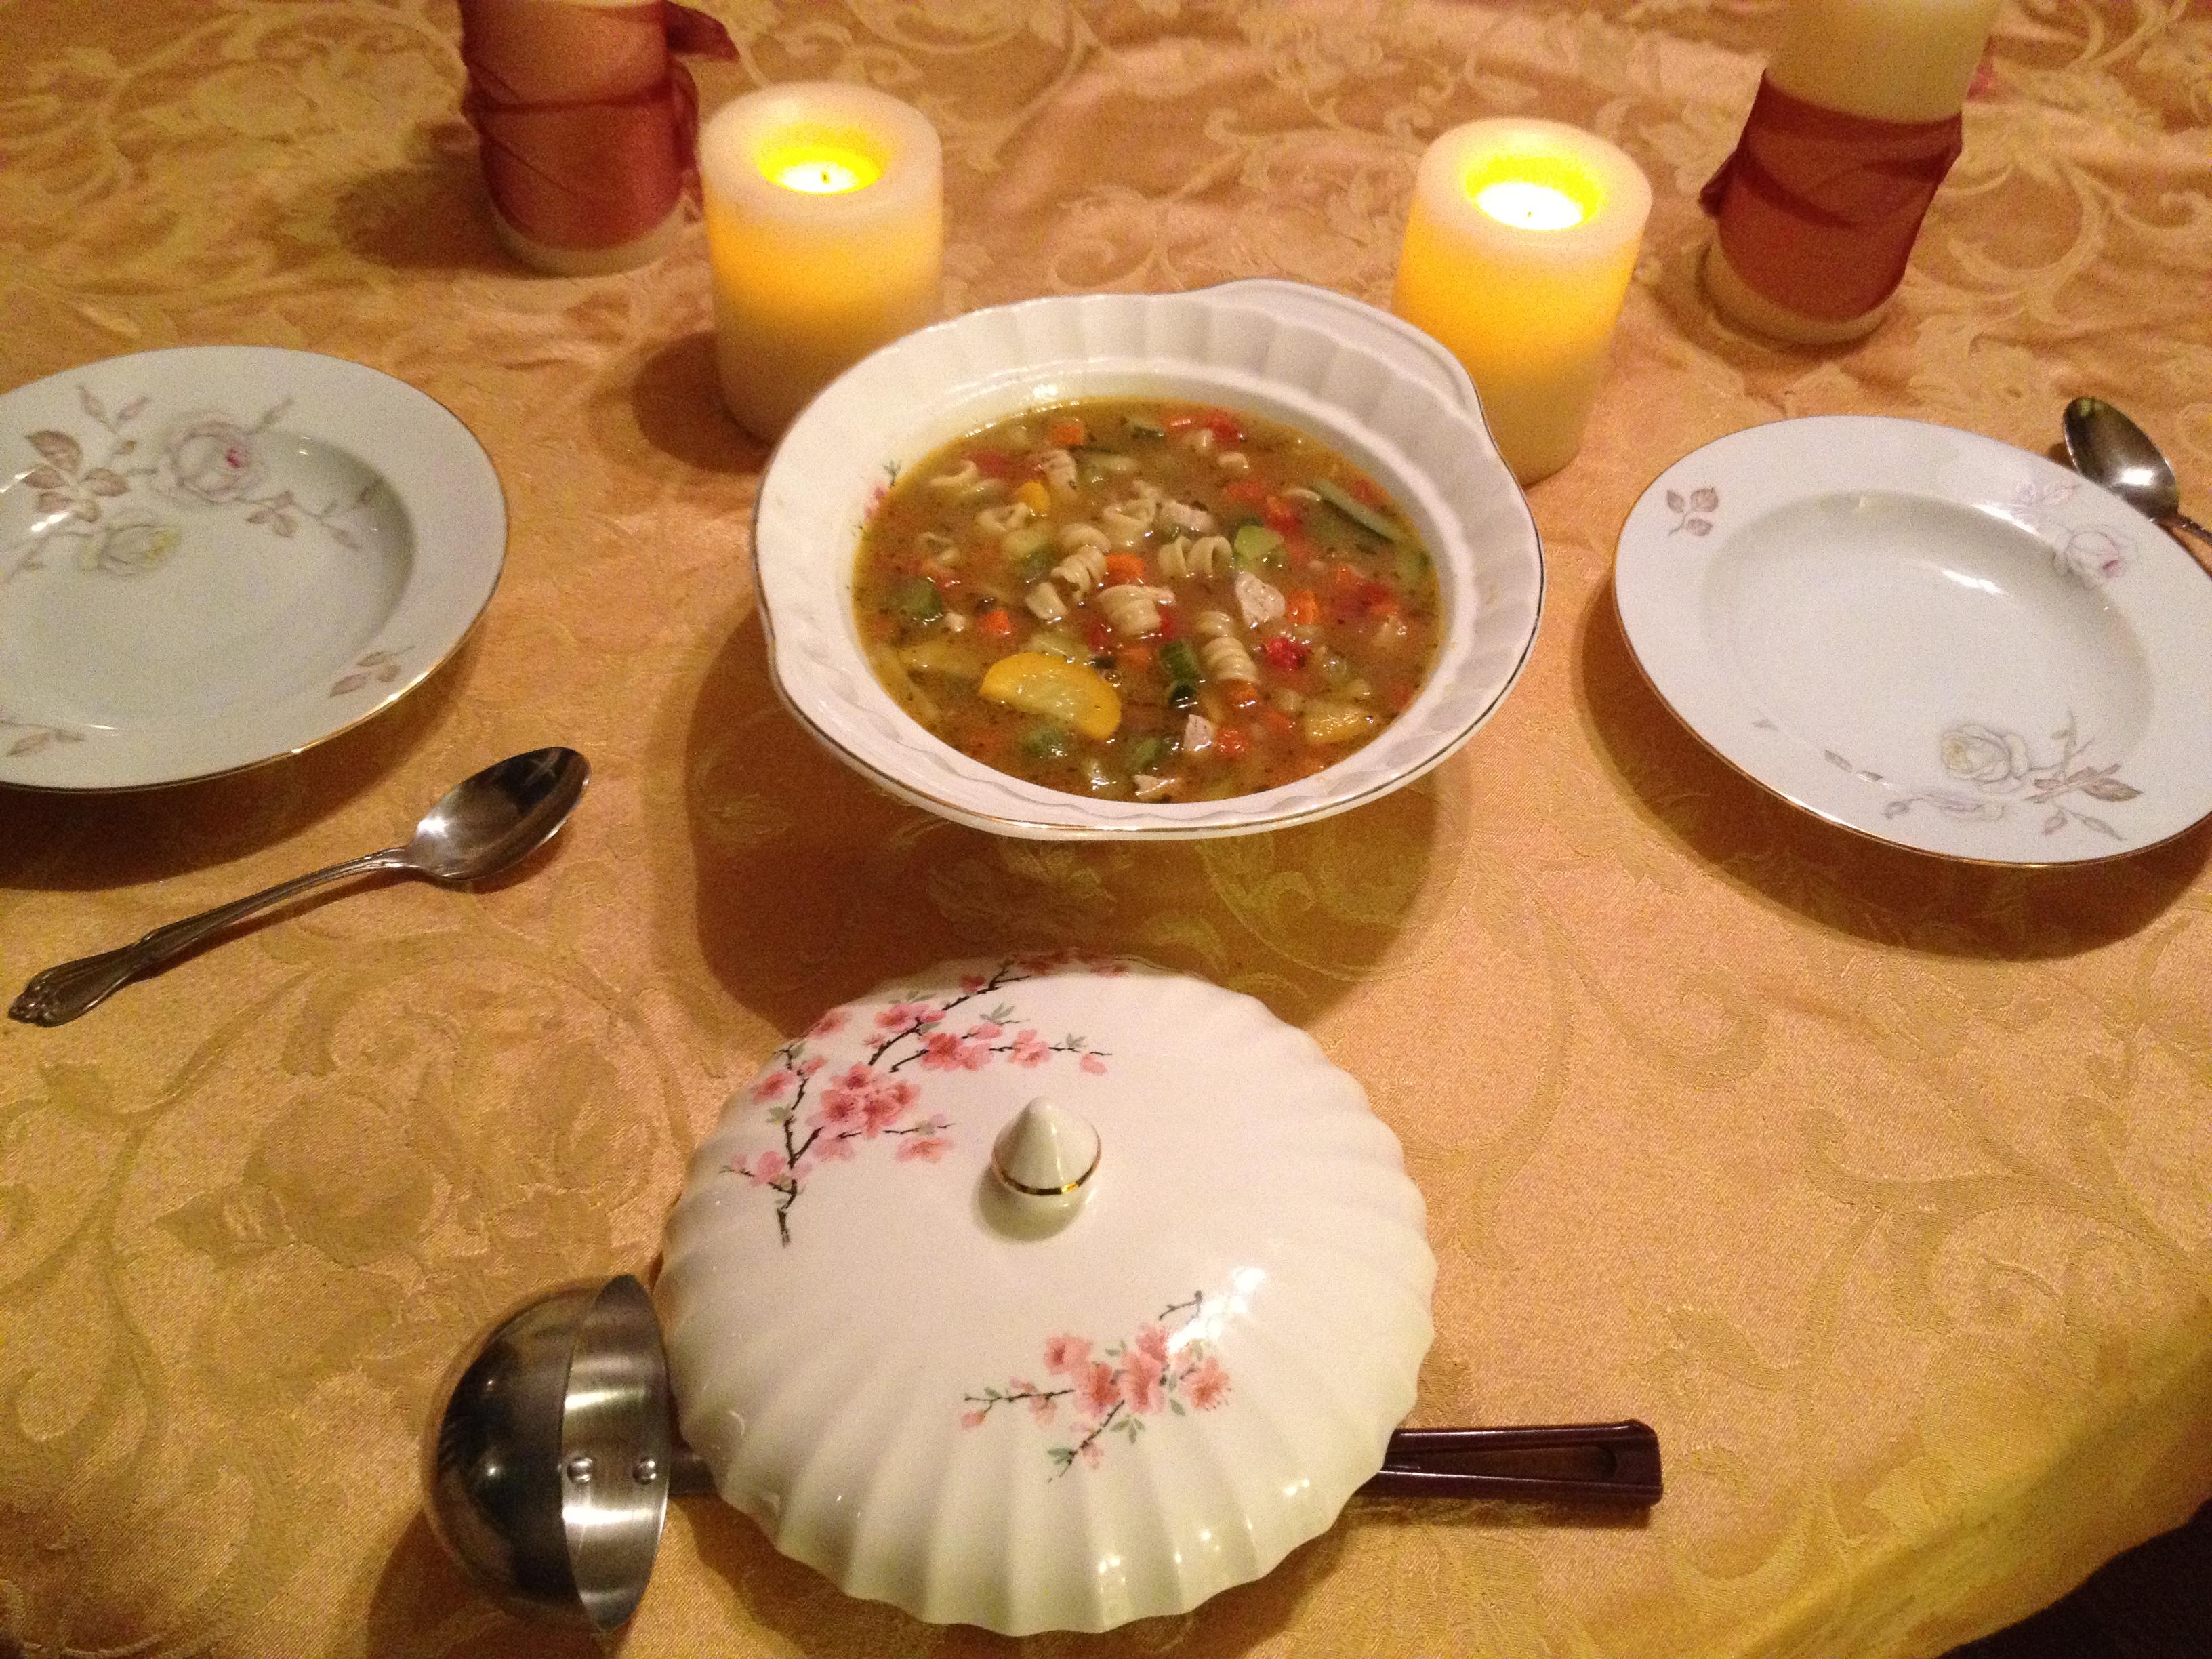 #Bertolli Weeknight Meal Special Challenge